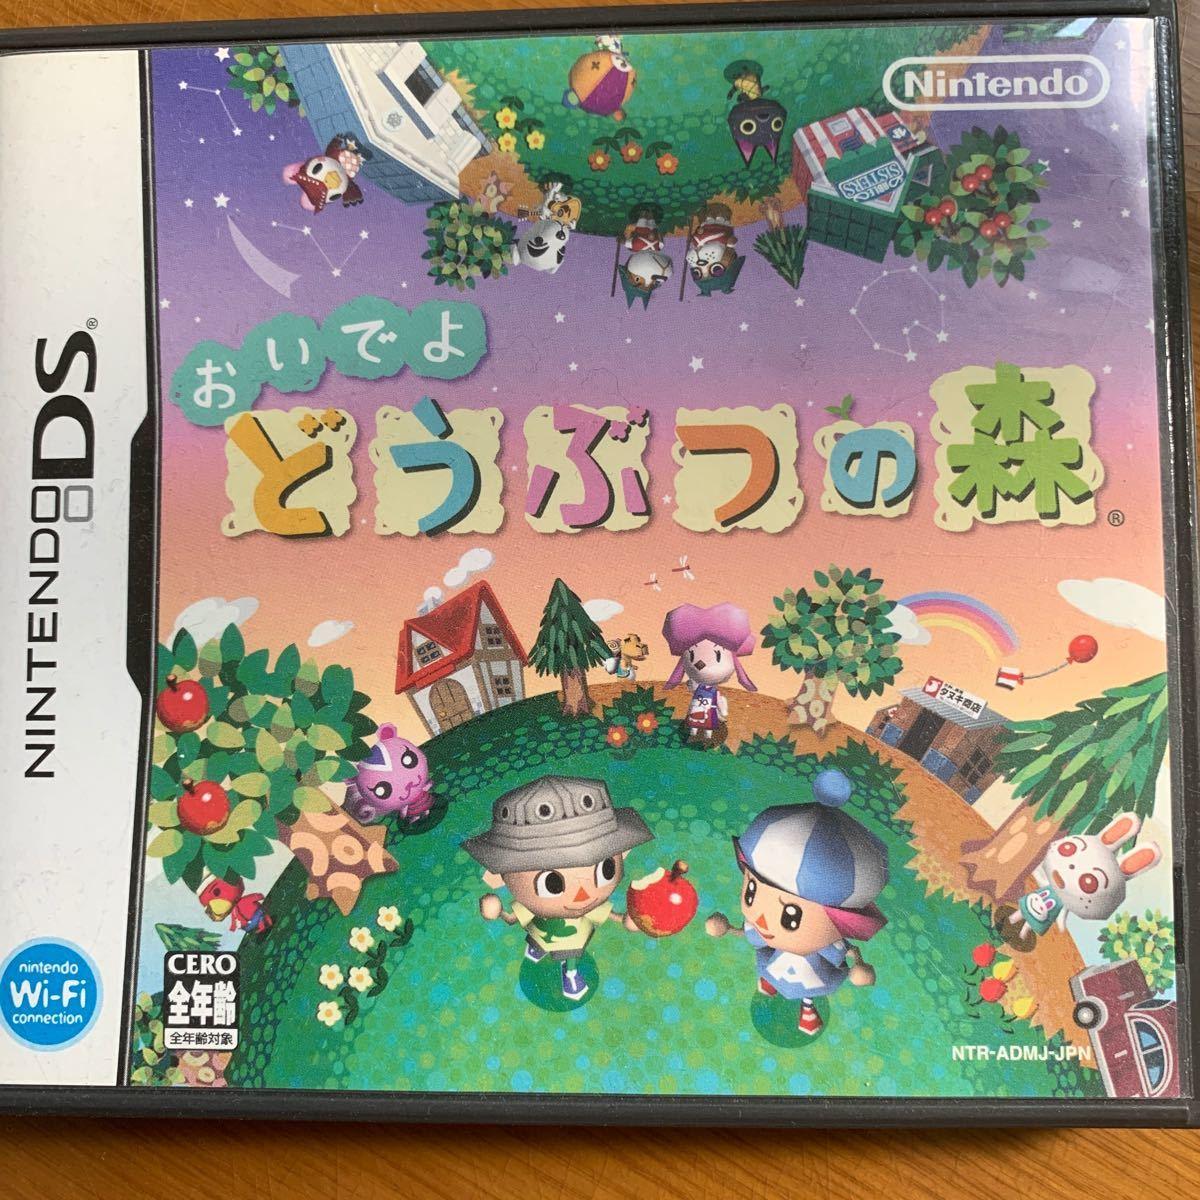 ニンテンドーDSソフトの「おいでよどうぶつの森」です。 おいでよどうぶつの森 マリオパーティスターラッシュ DSソフト 3DS